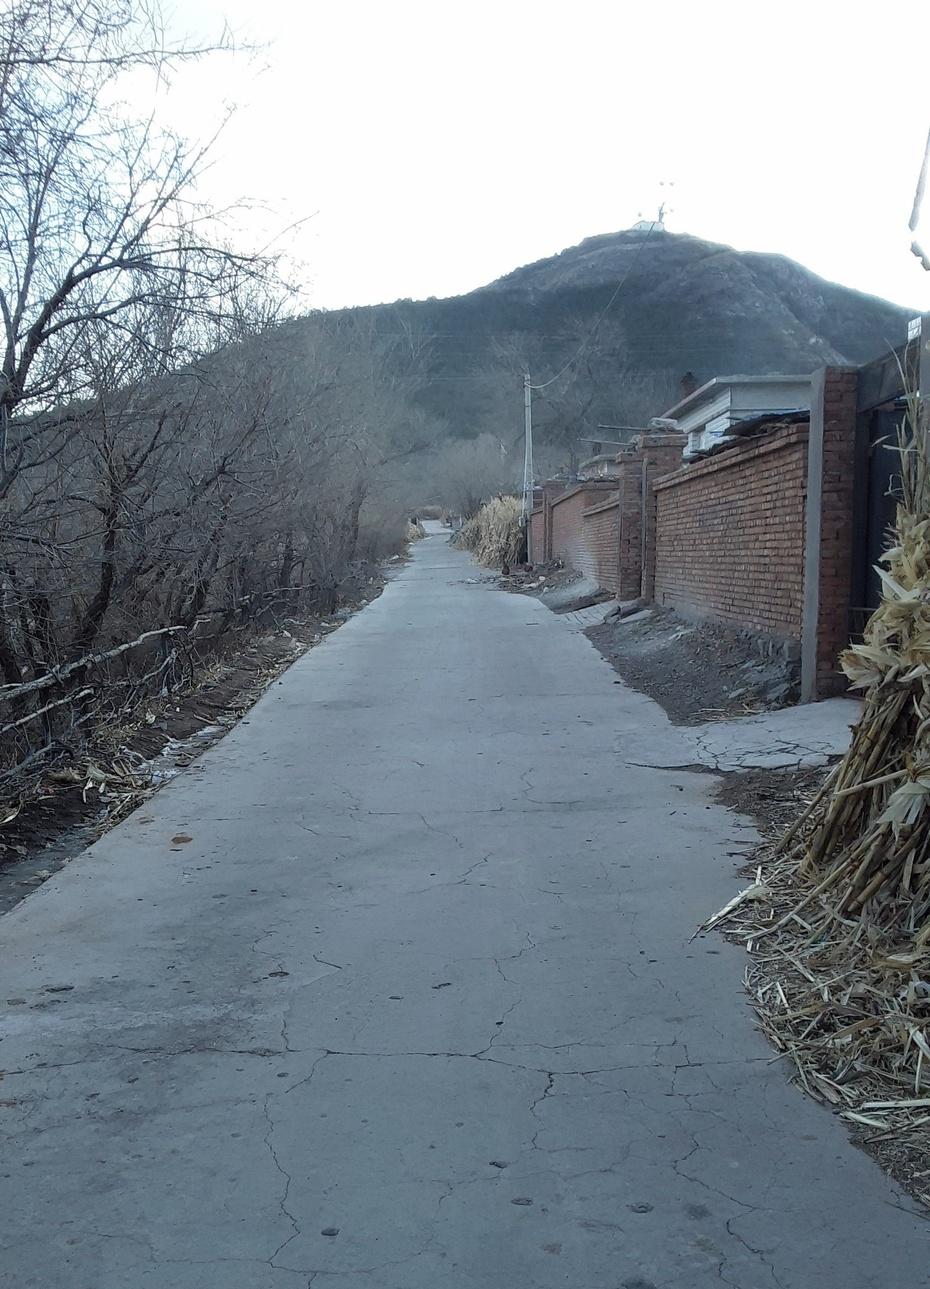 骑行(嘎岔桥至麒麟山) - 淡淡云 - 淡淡云